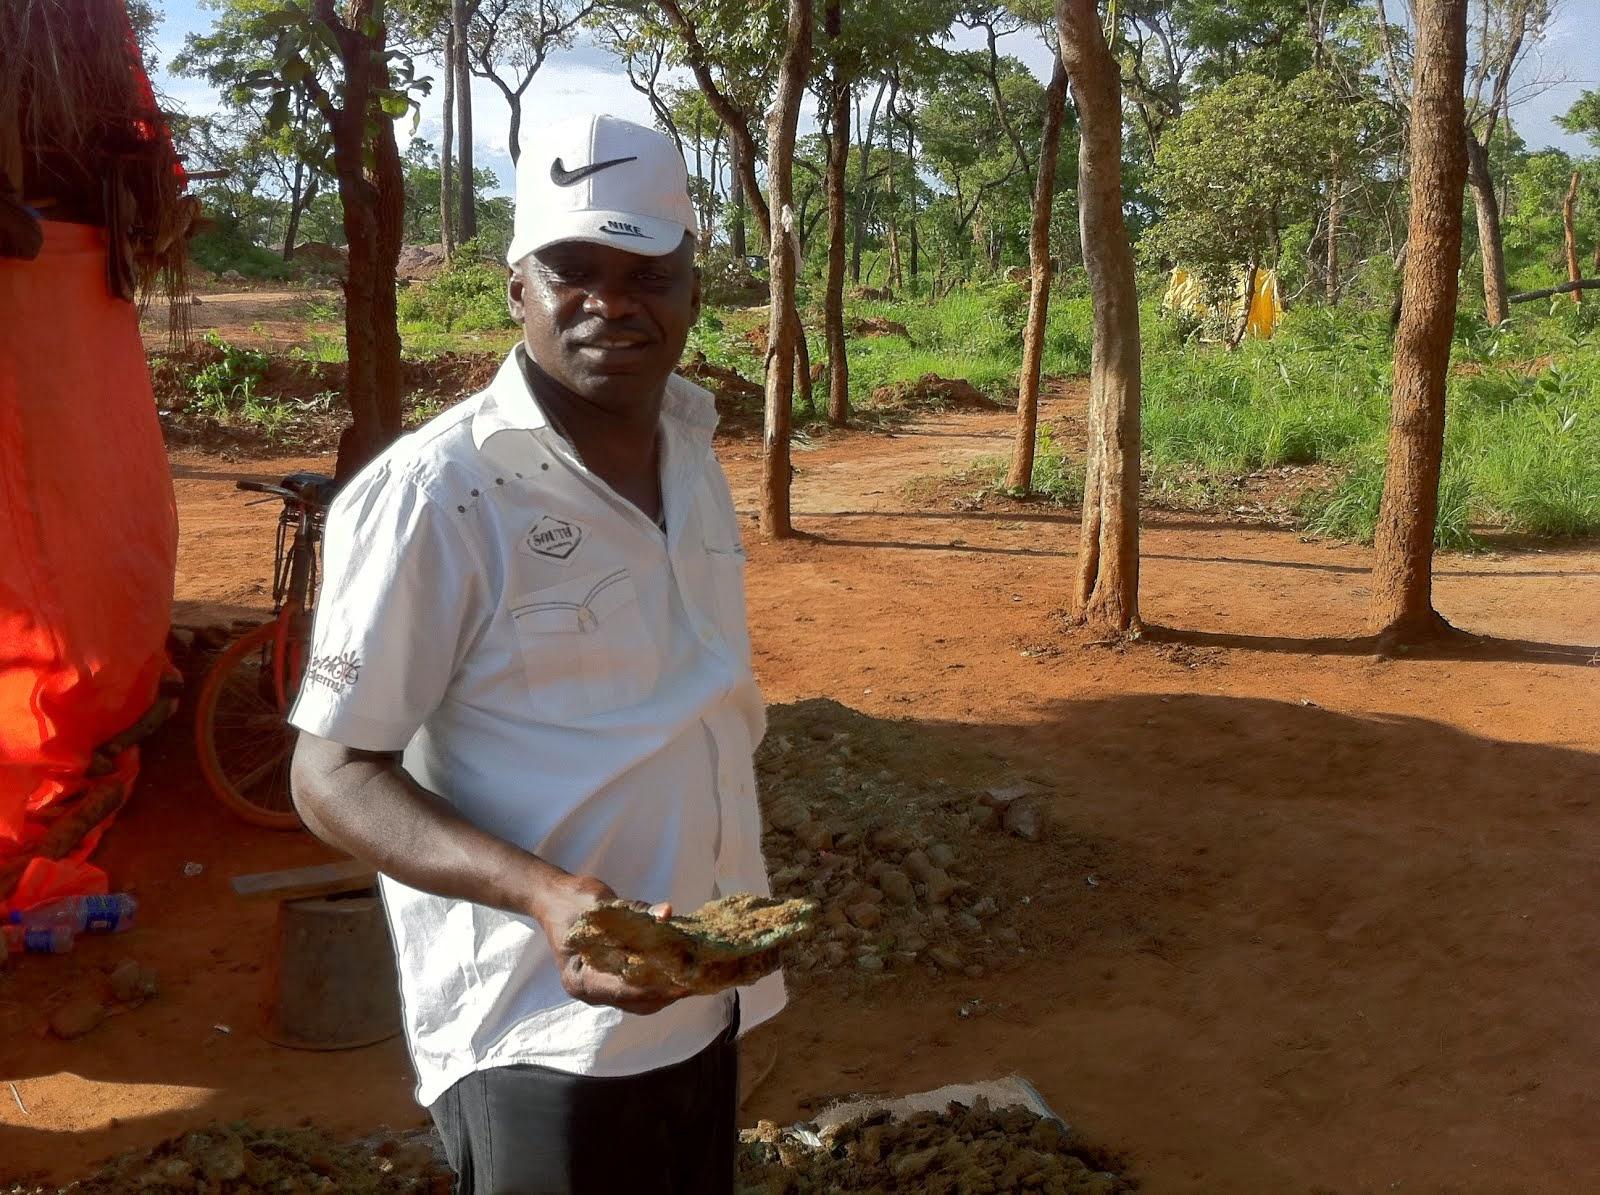 Złoża miedzi w Republice Demokratycznej Kongo